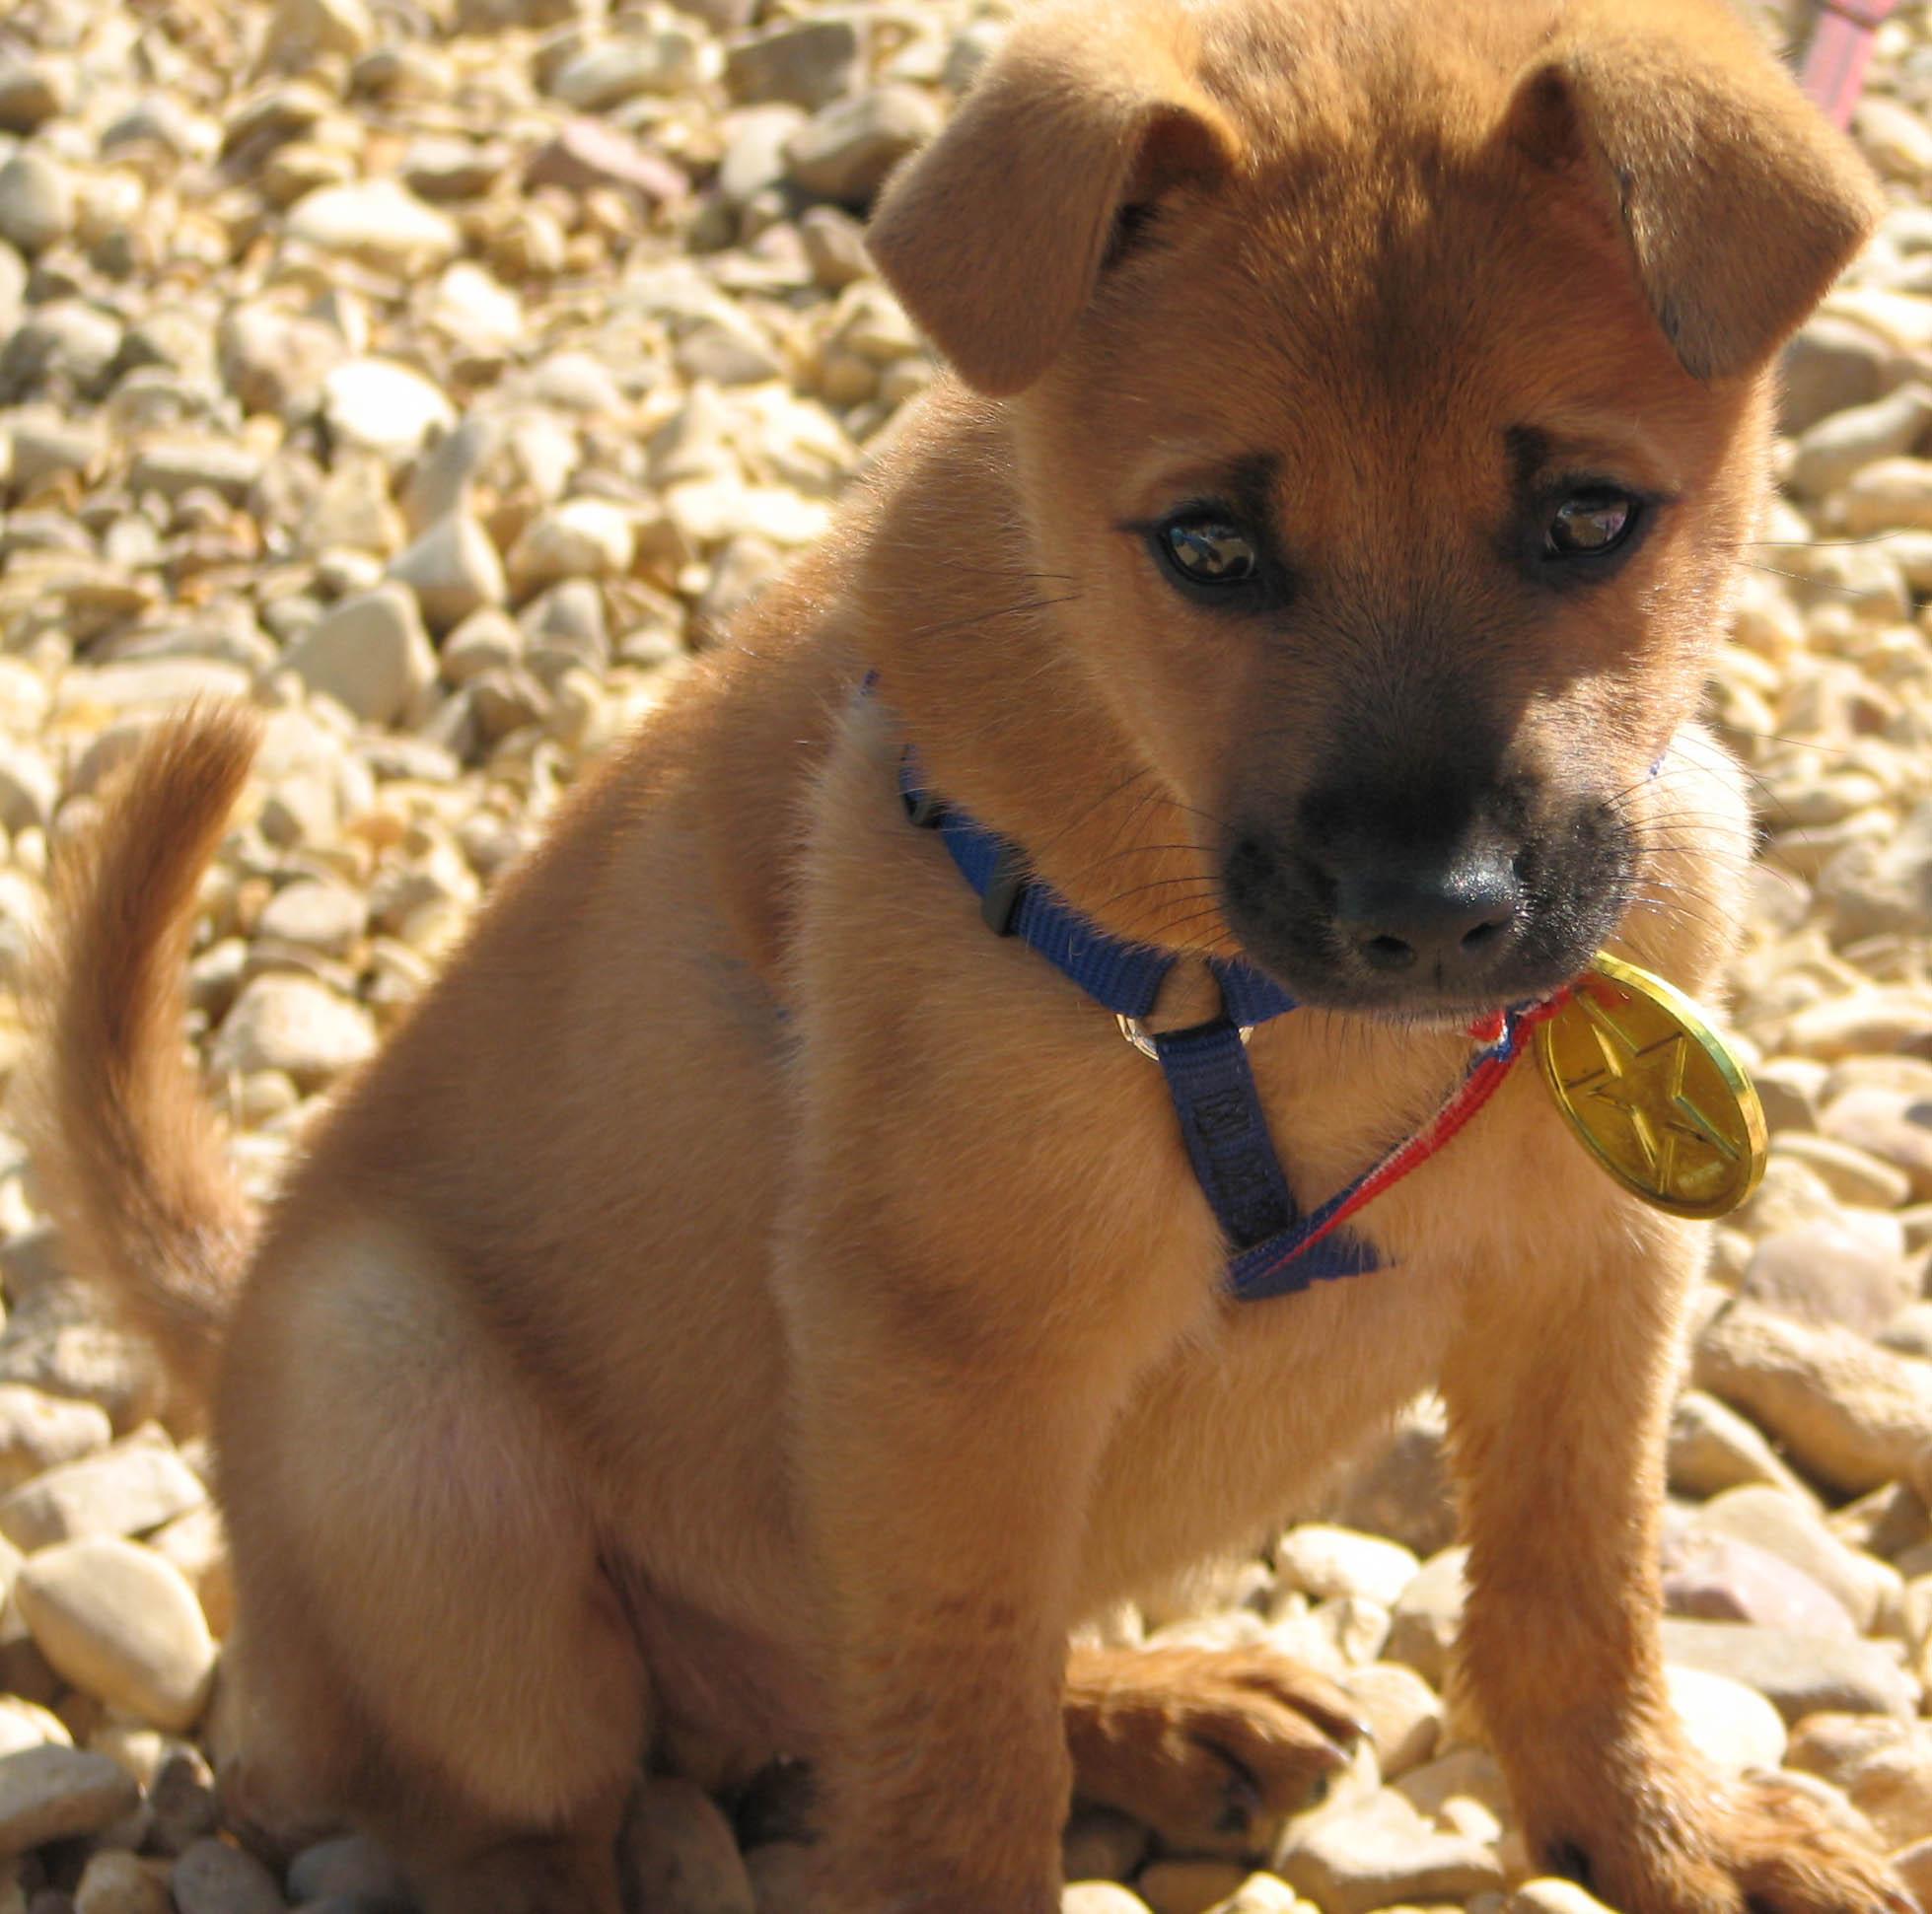 Pup pup pup pup